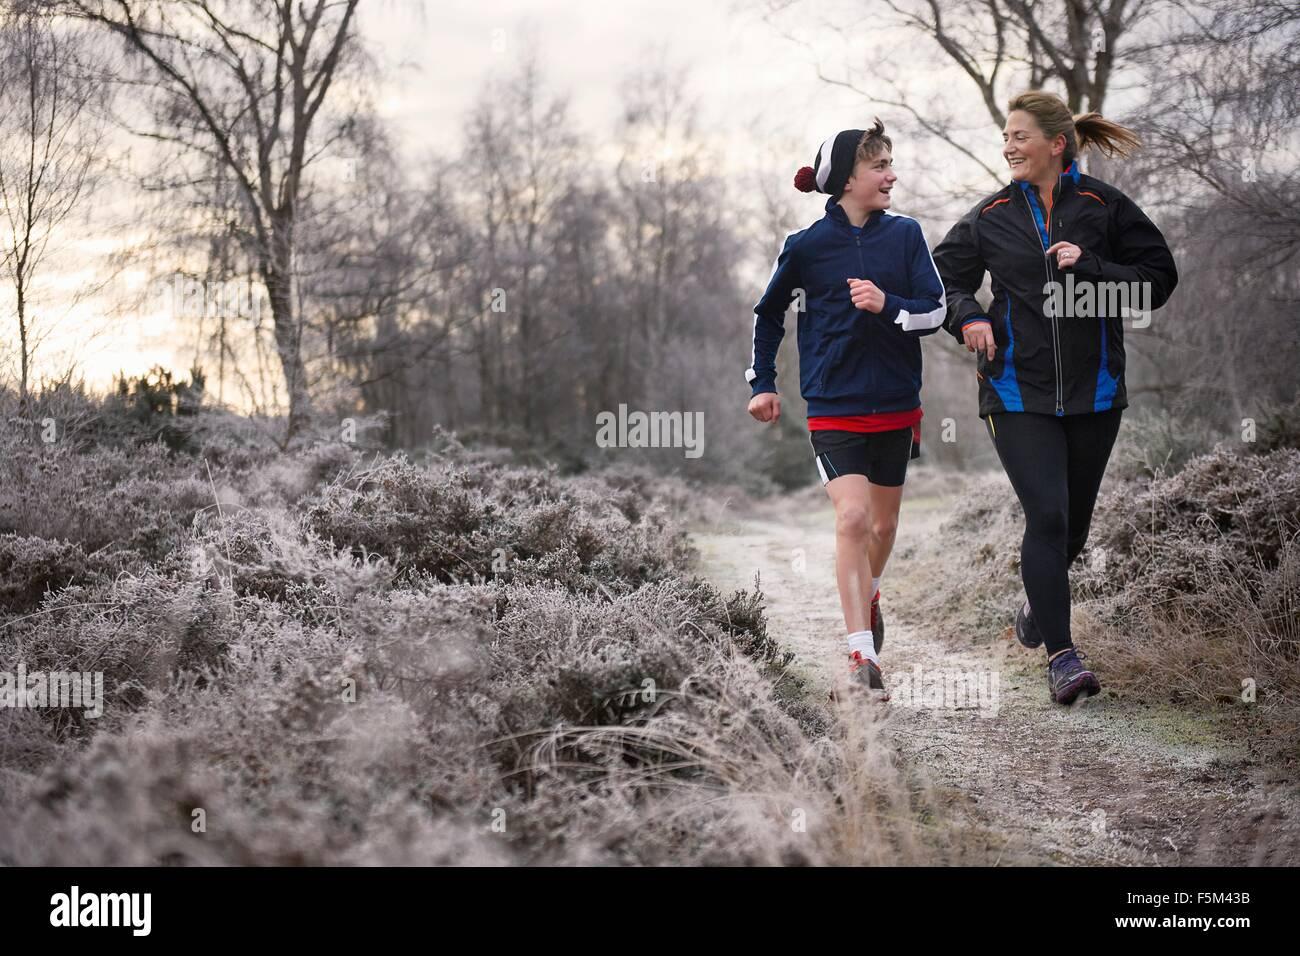 Vista frontale della madre e del figlio in esecuzione su frosty il percorso faccia a faccia sorridente Immagini Stock